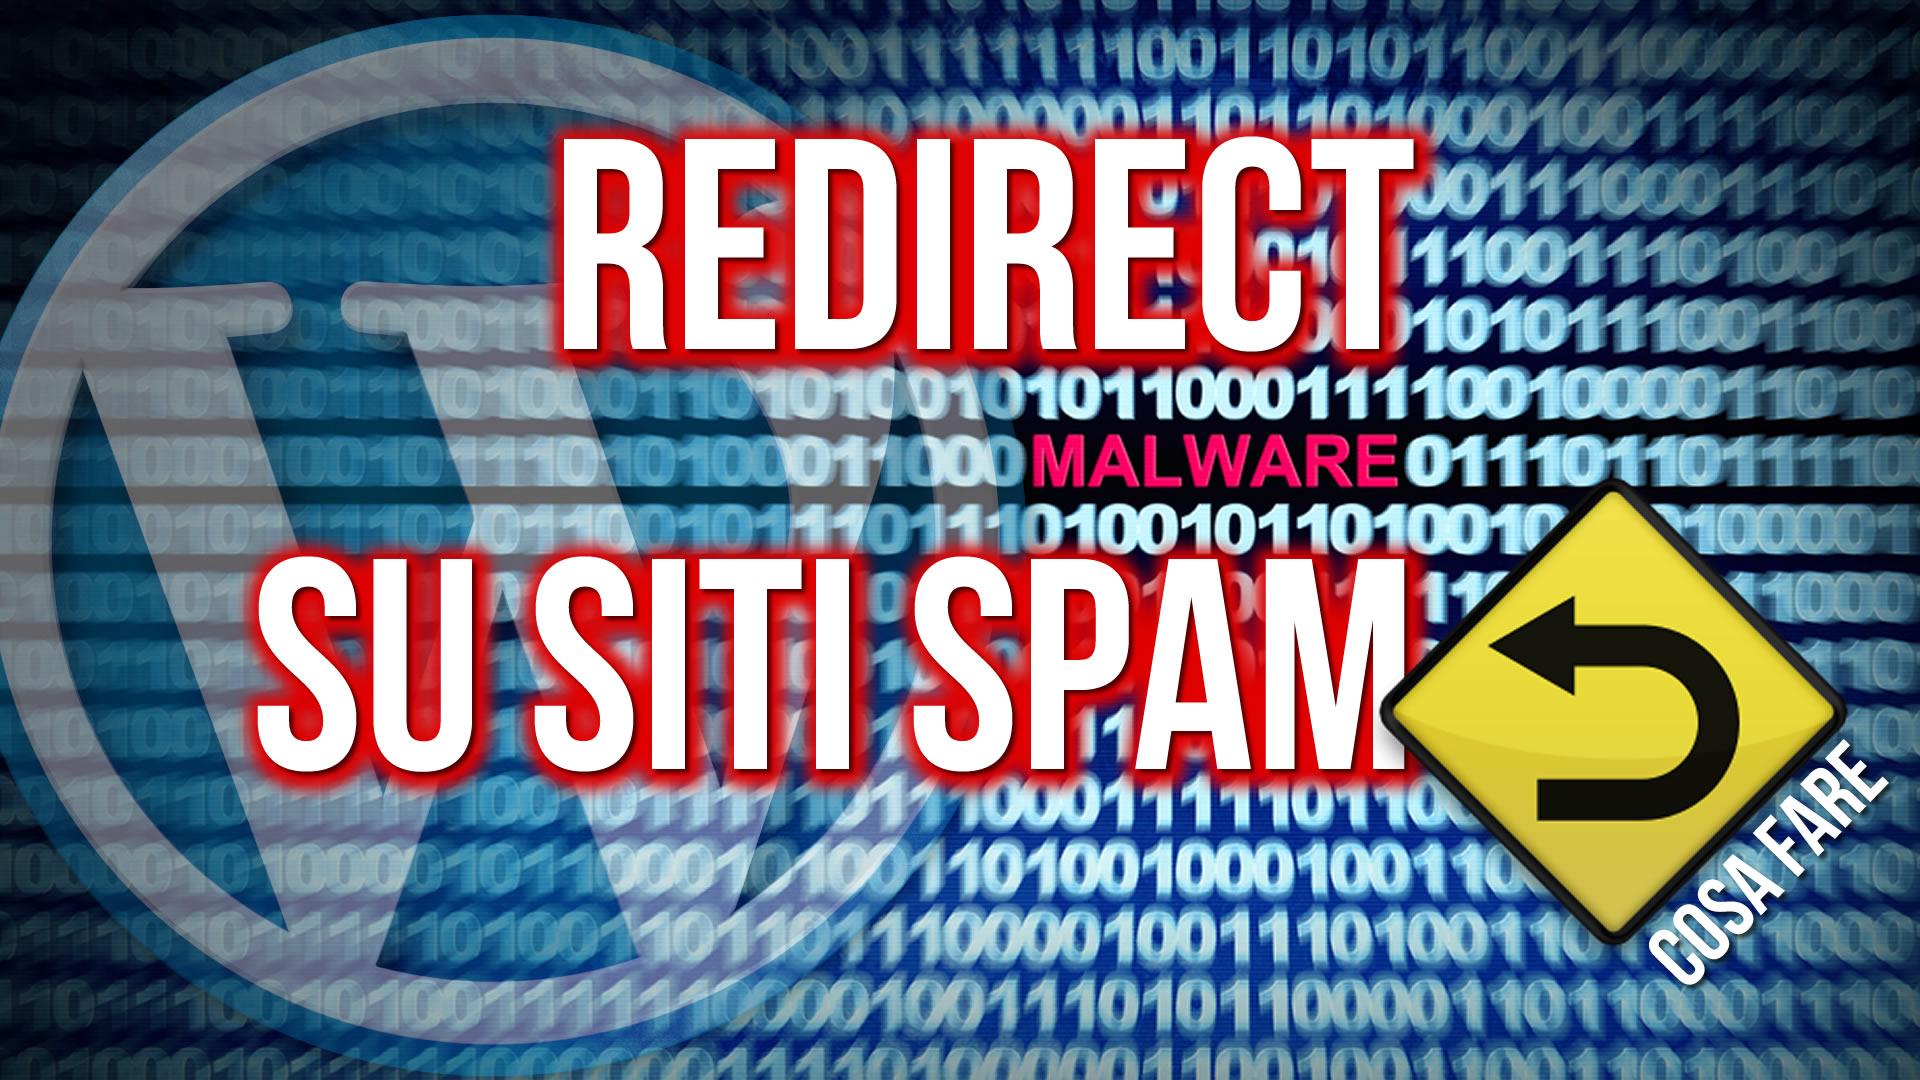 FTP porno server